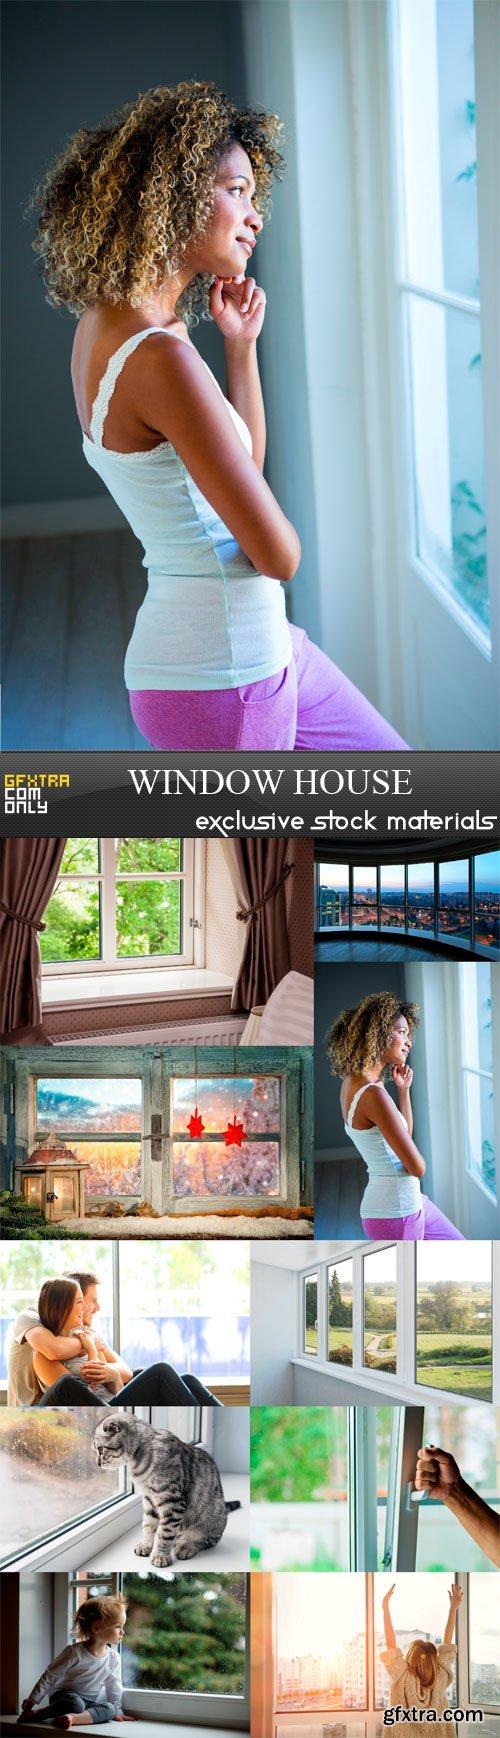 Window House - 10 x JPEGs